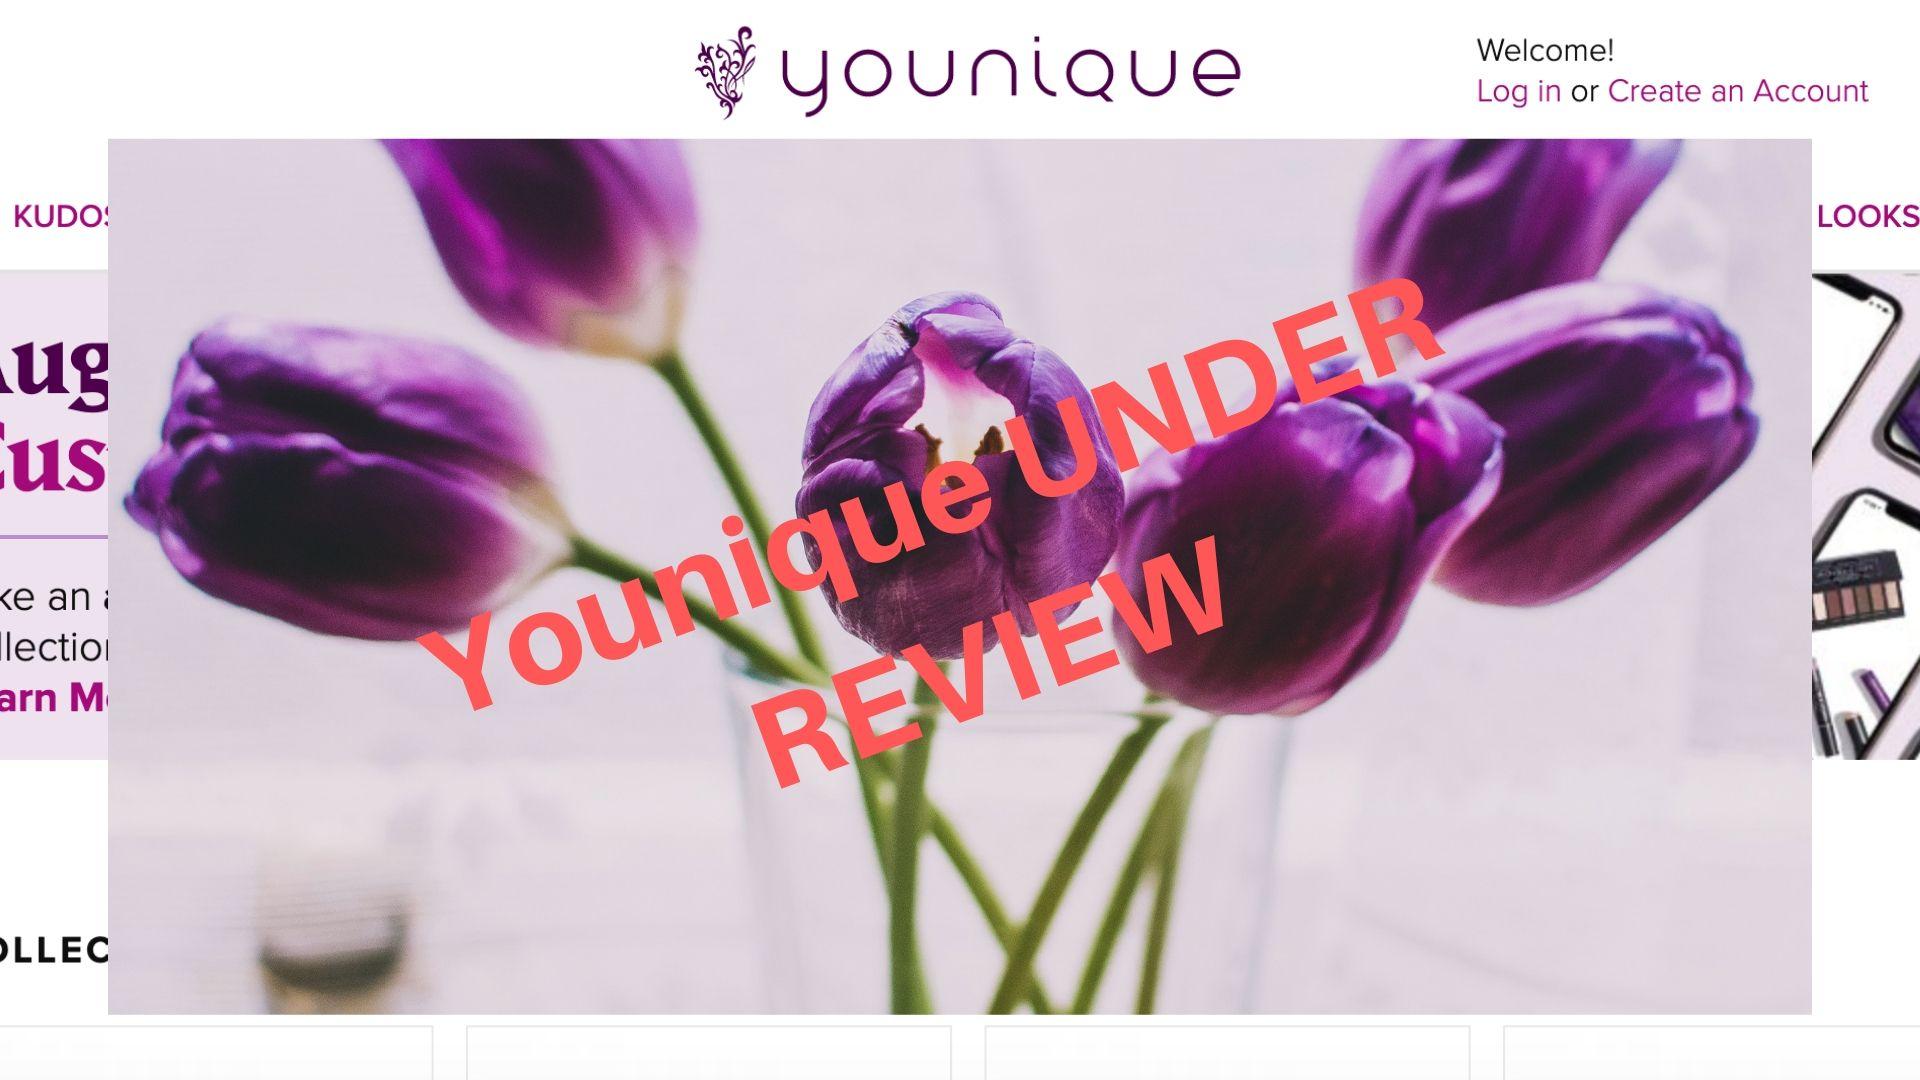 Younique UNDER REVIEW